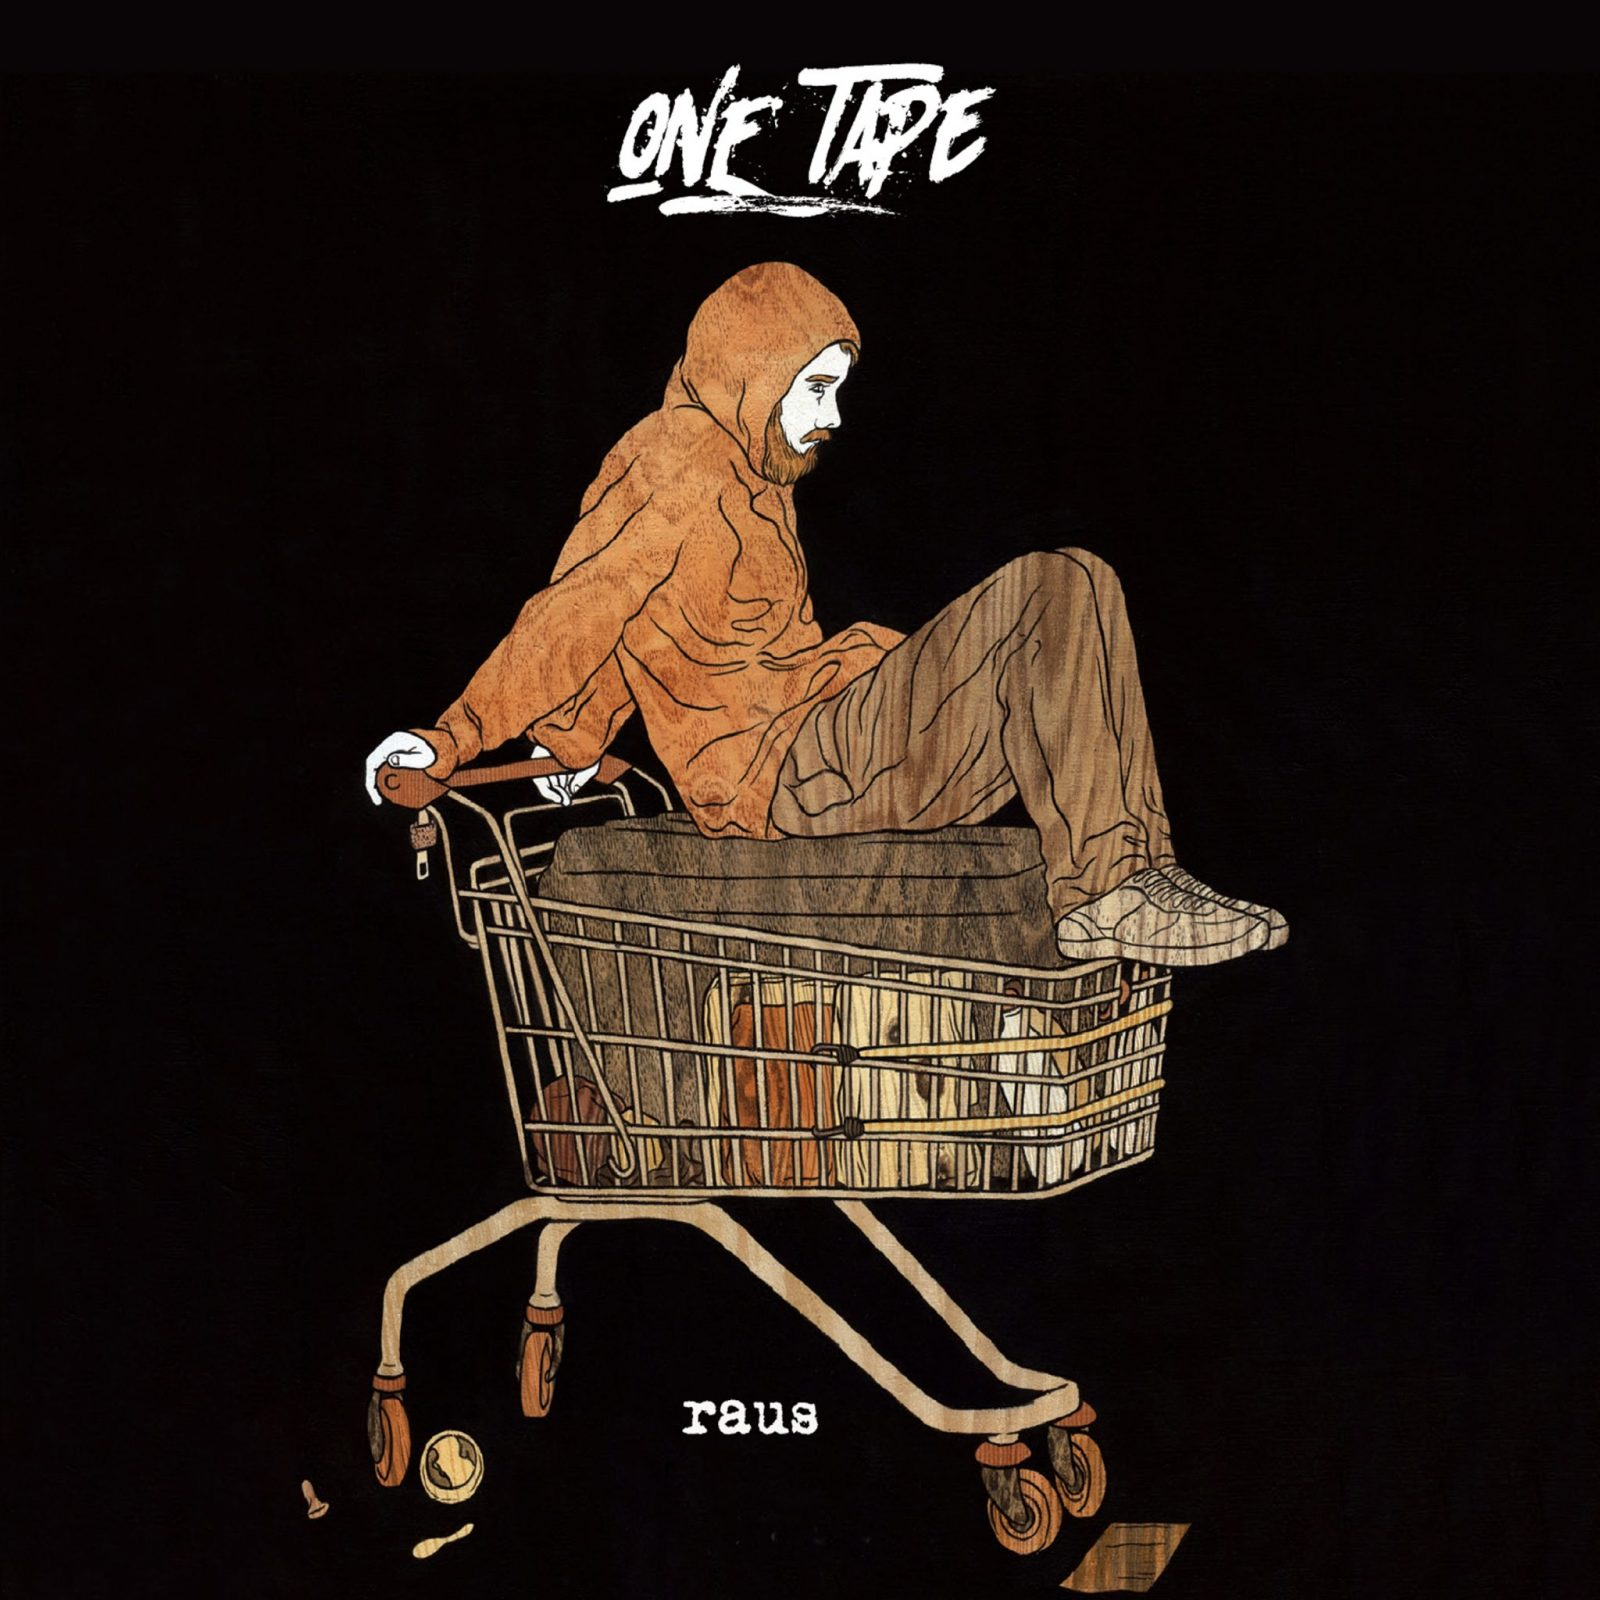 """ONE TAPE """"raus"""" VÖ 25.01.2019 im Vertrieb von Cargo Records"""